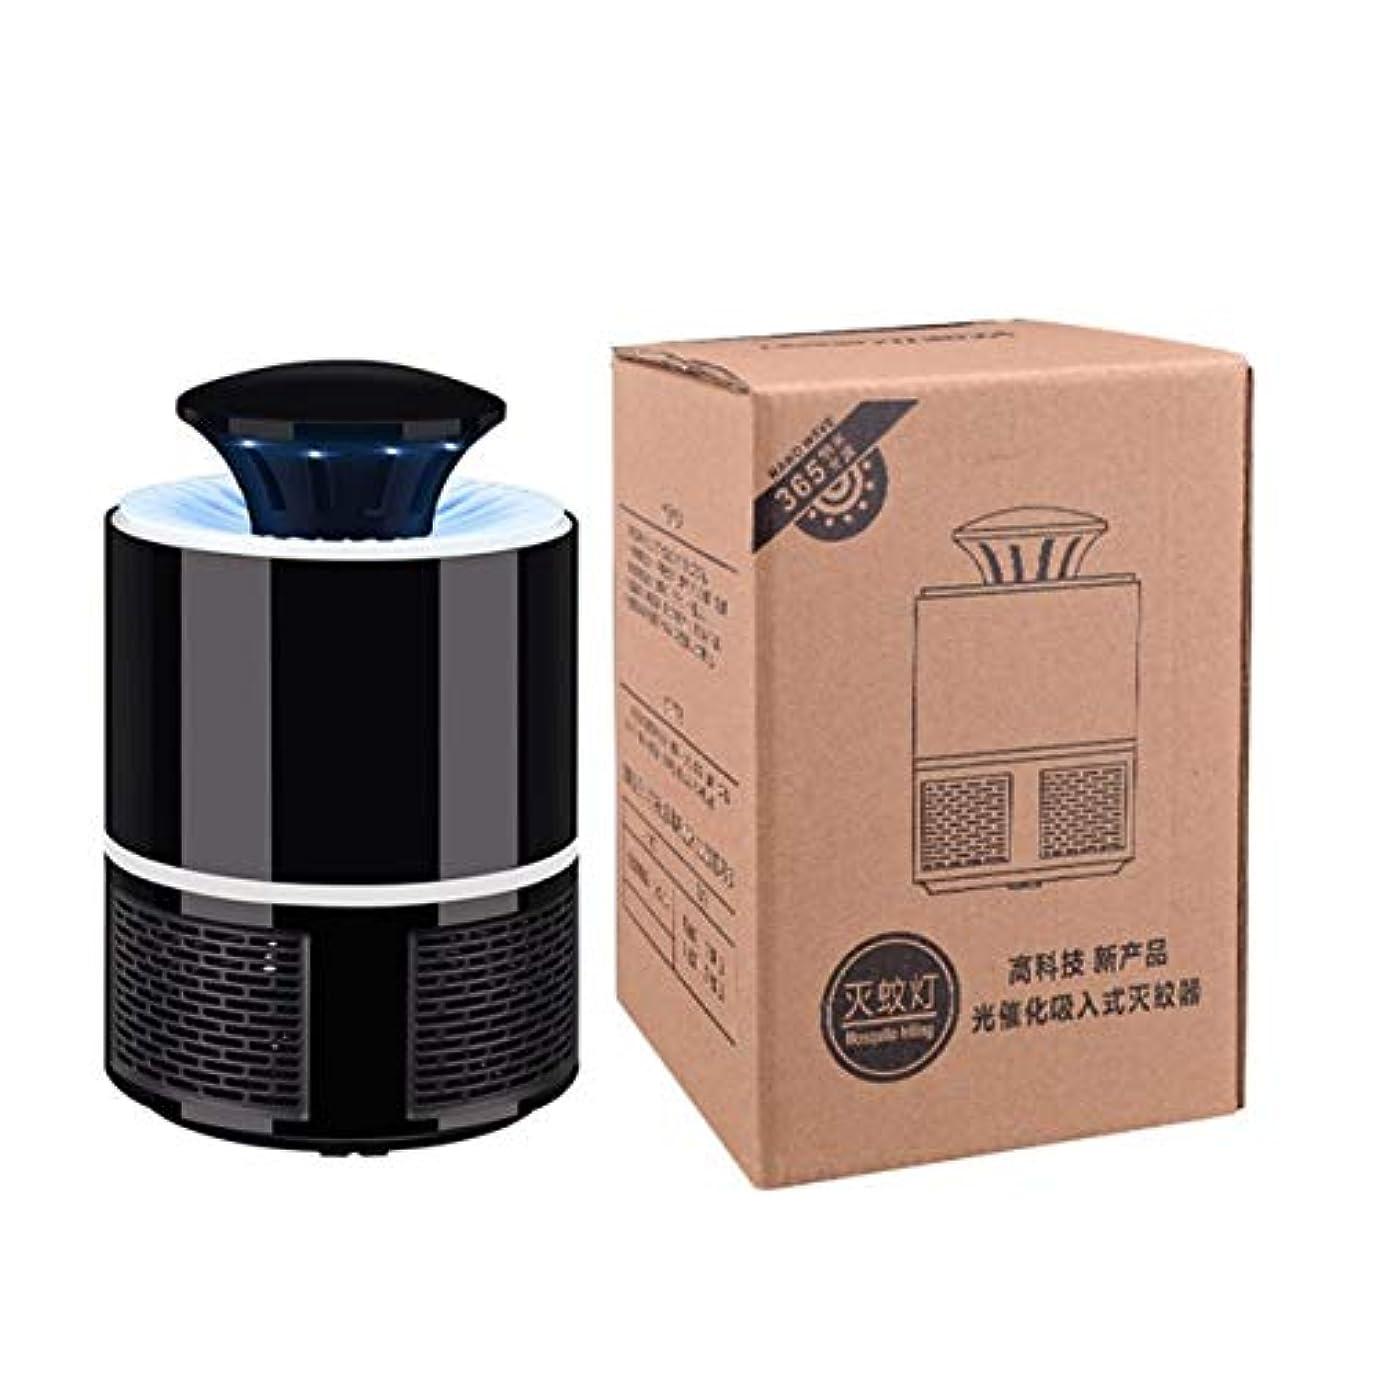 転送無力与えるSaikogoods USB無放射電子モスキートキラーライトランプ家庭の使用は USBモスキートトラップバグ昆虫ザッパーLEDライト 黒